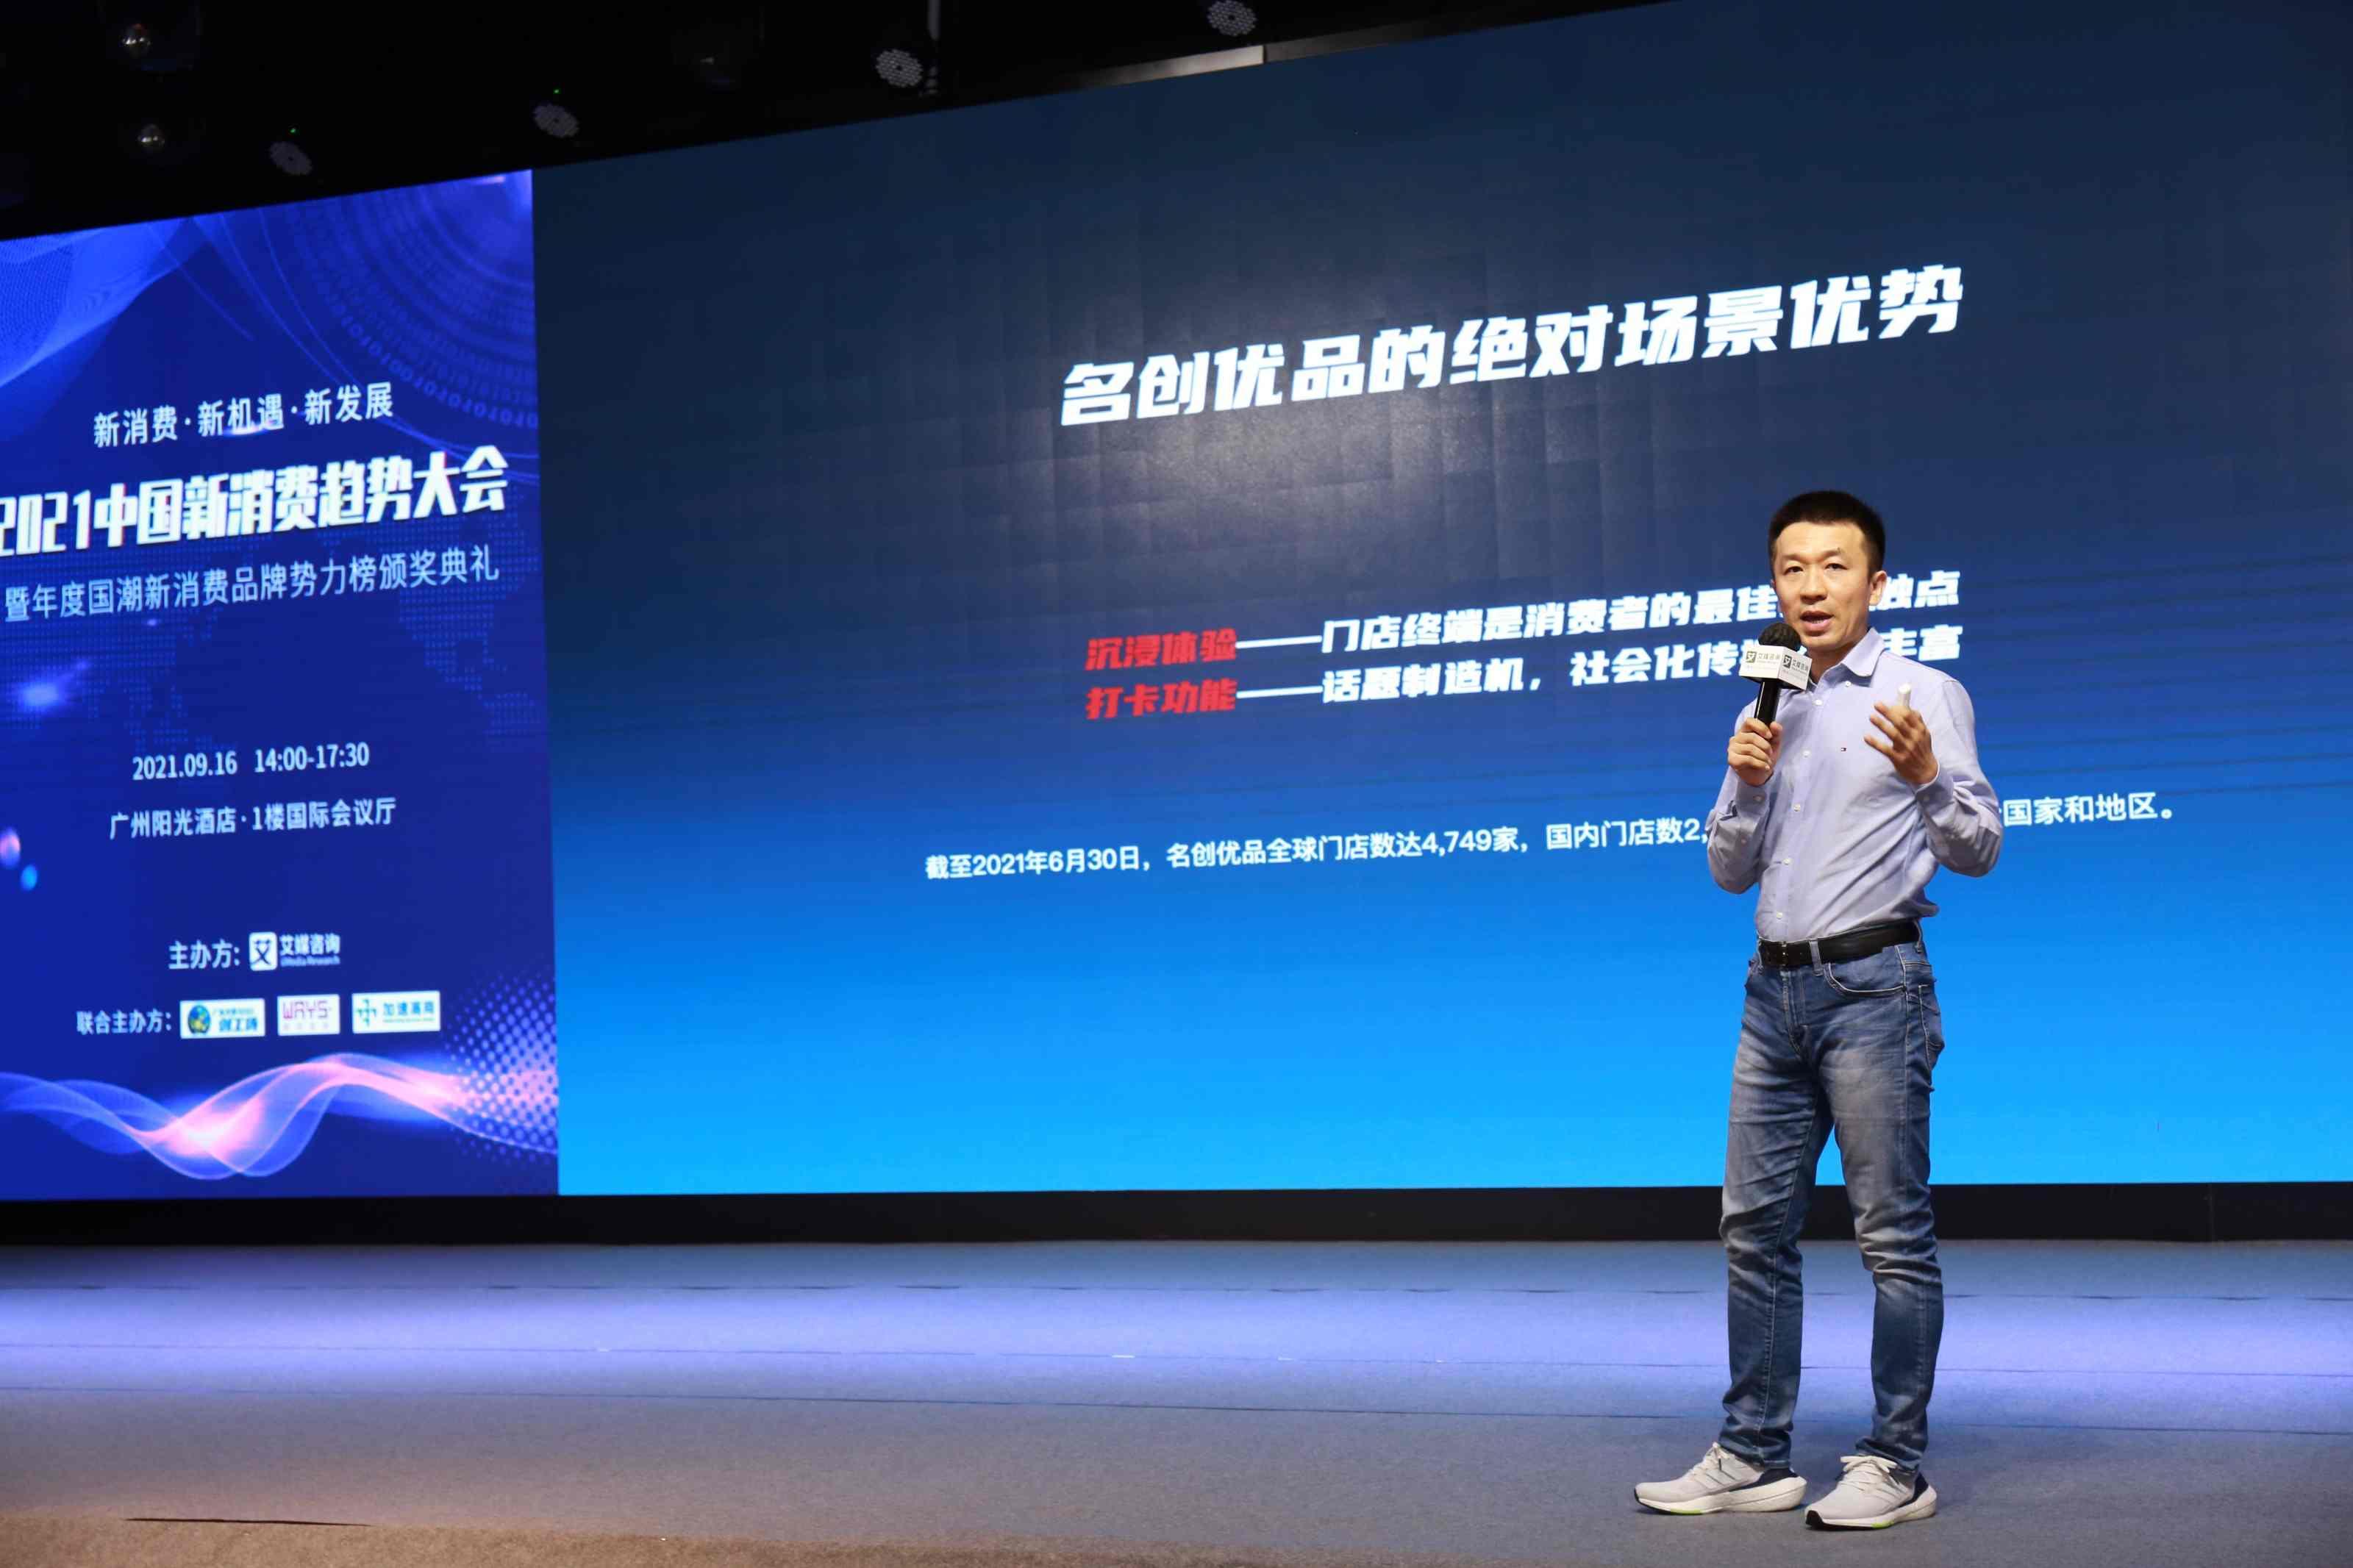 名创优品集团首席营销官刘晓彬:链接Z世代消费者,与用户共建品牌